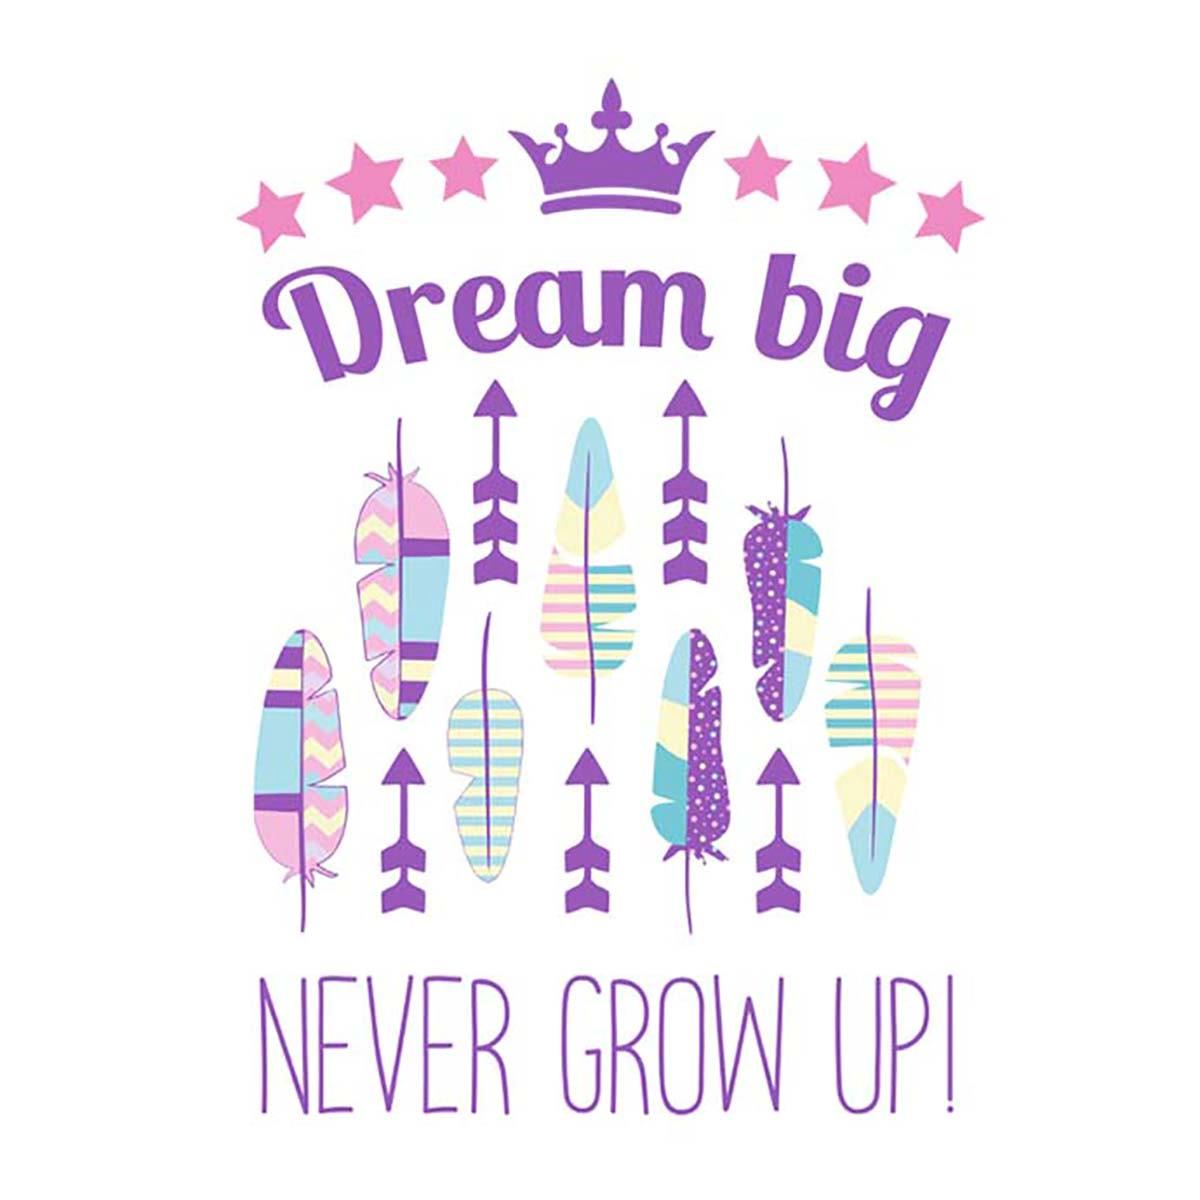 dream big ilustracija za djecu